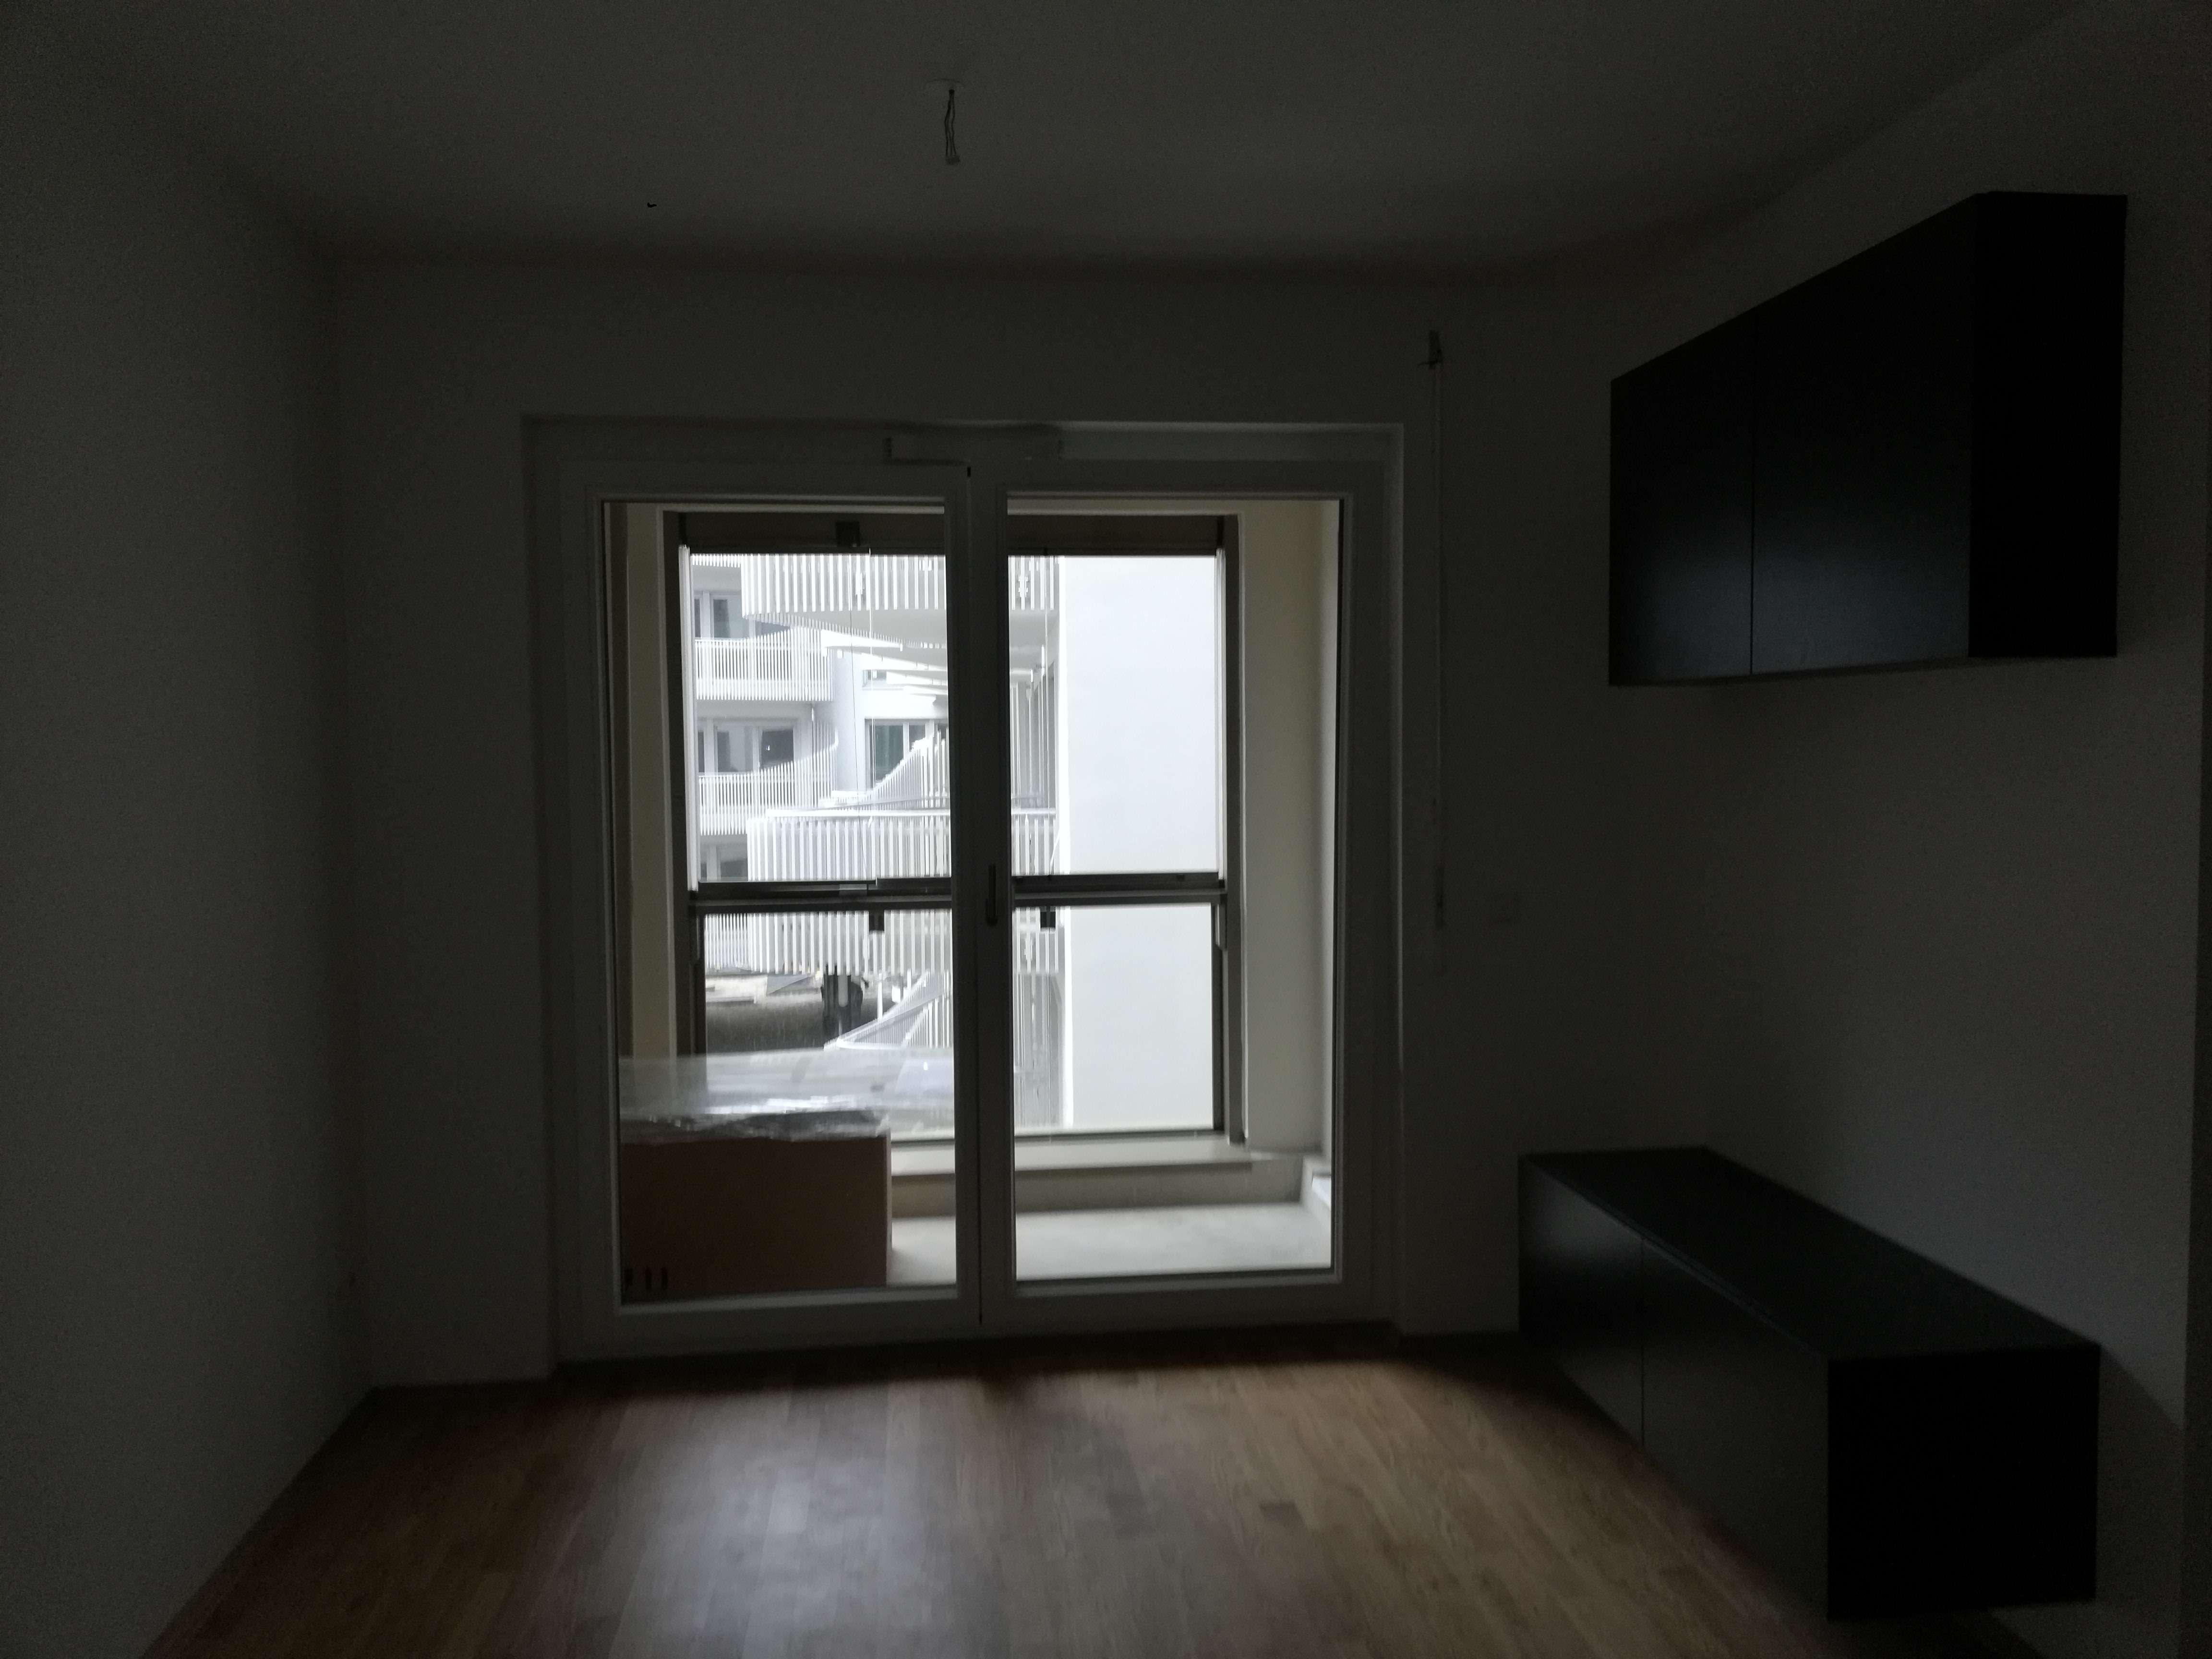 Erstbezug mit Einbauküche und Balkon: ansprechende 2-Zimmer-Wohnung in Perlach, Munich in Perlach (München)